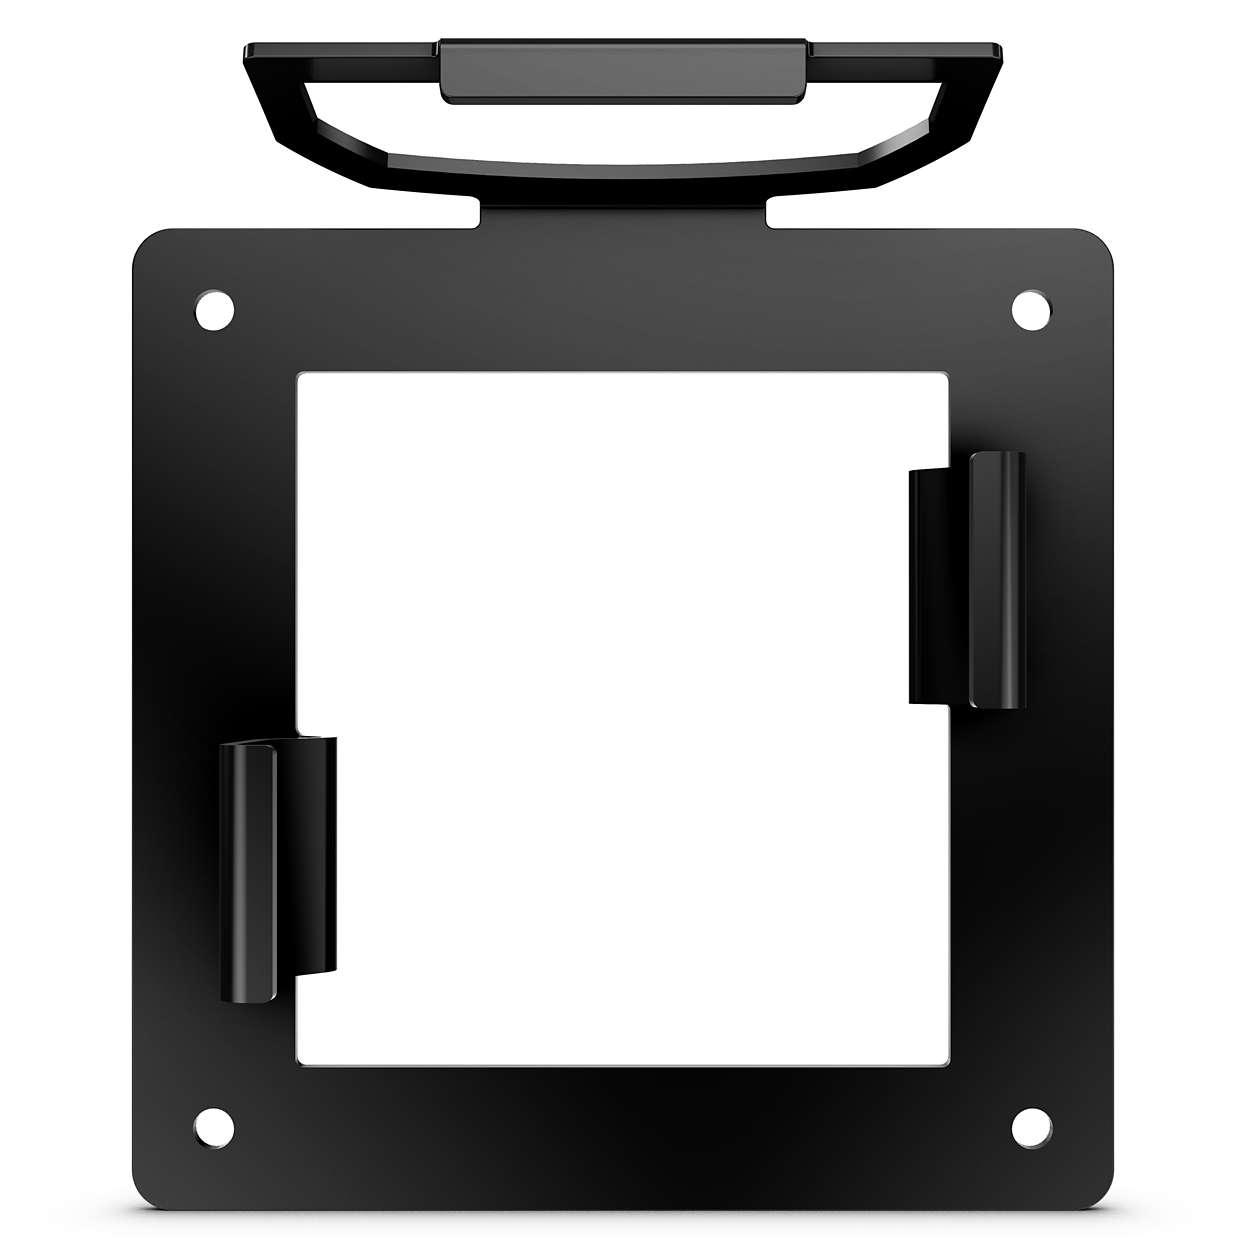 Maximize desk space